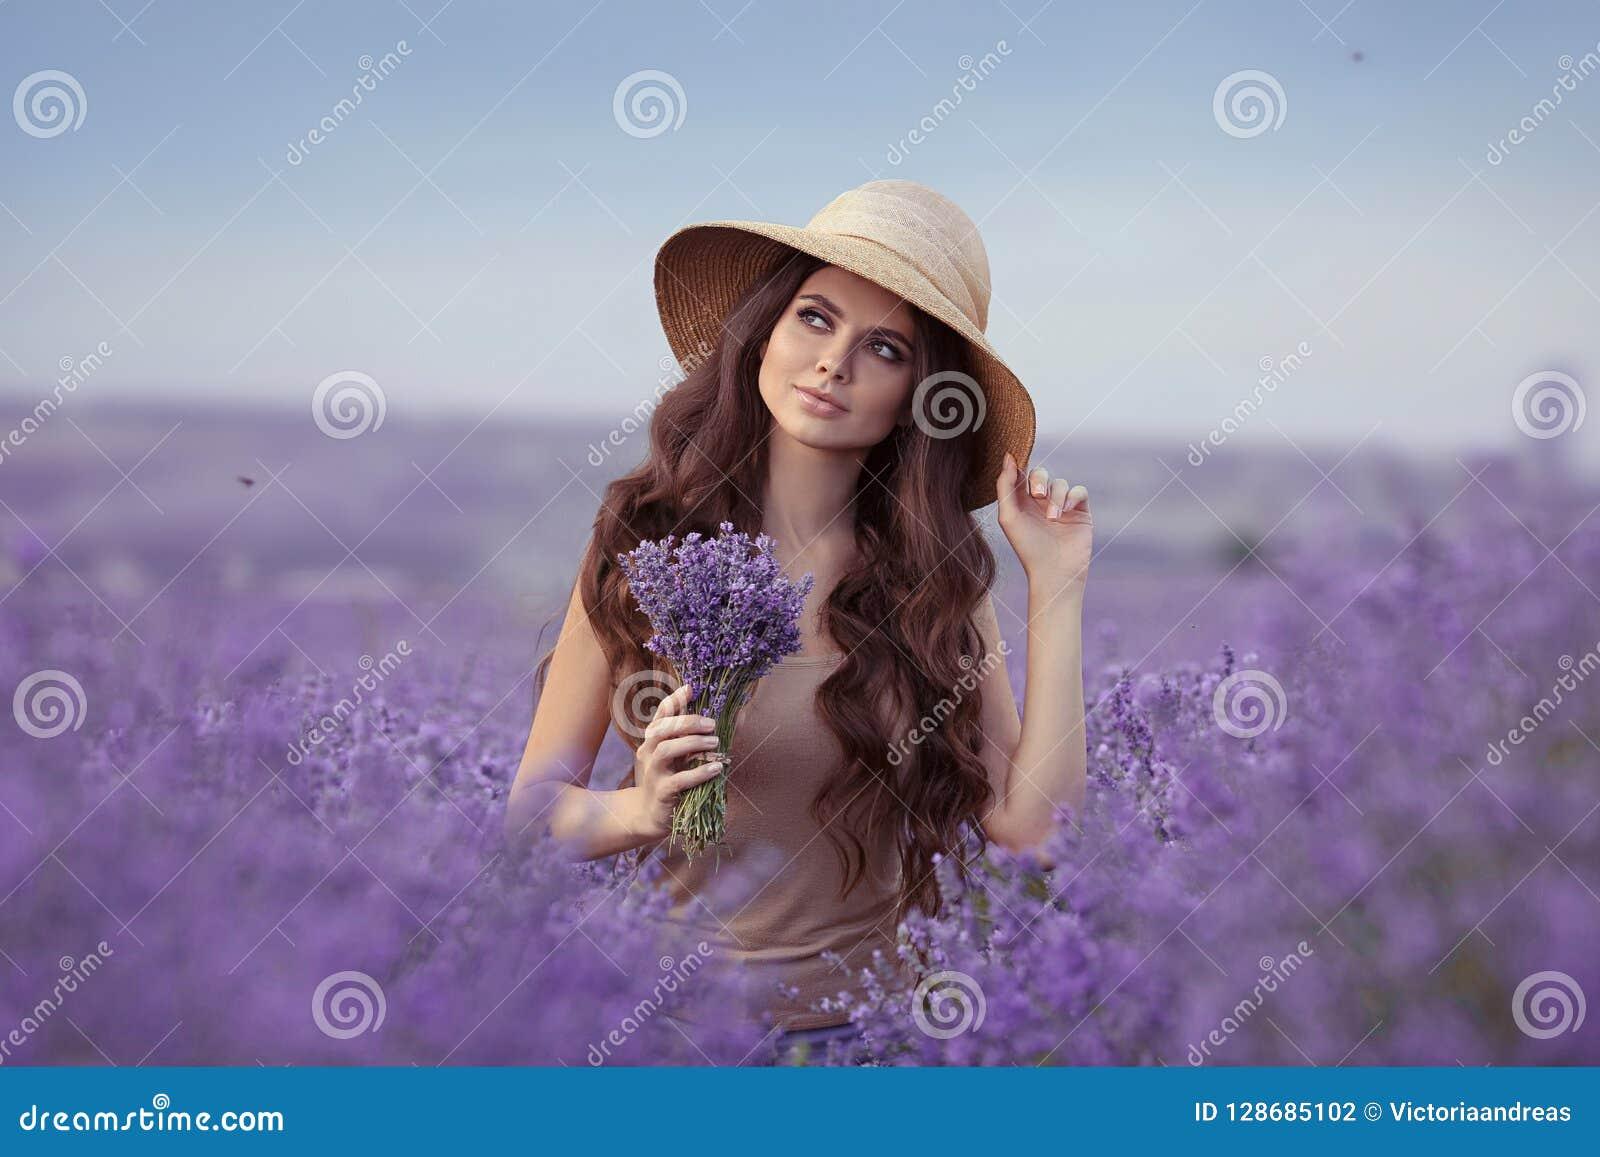 Ritratto adorabile della giovane donna in cappello di paglia sopra il  giacimento porpora della lavanda Ragazza attraente con capelli ricci lunghi  che ... 98464c9fe48c